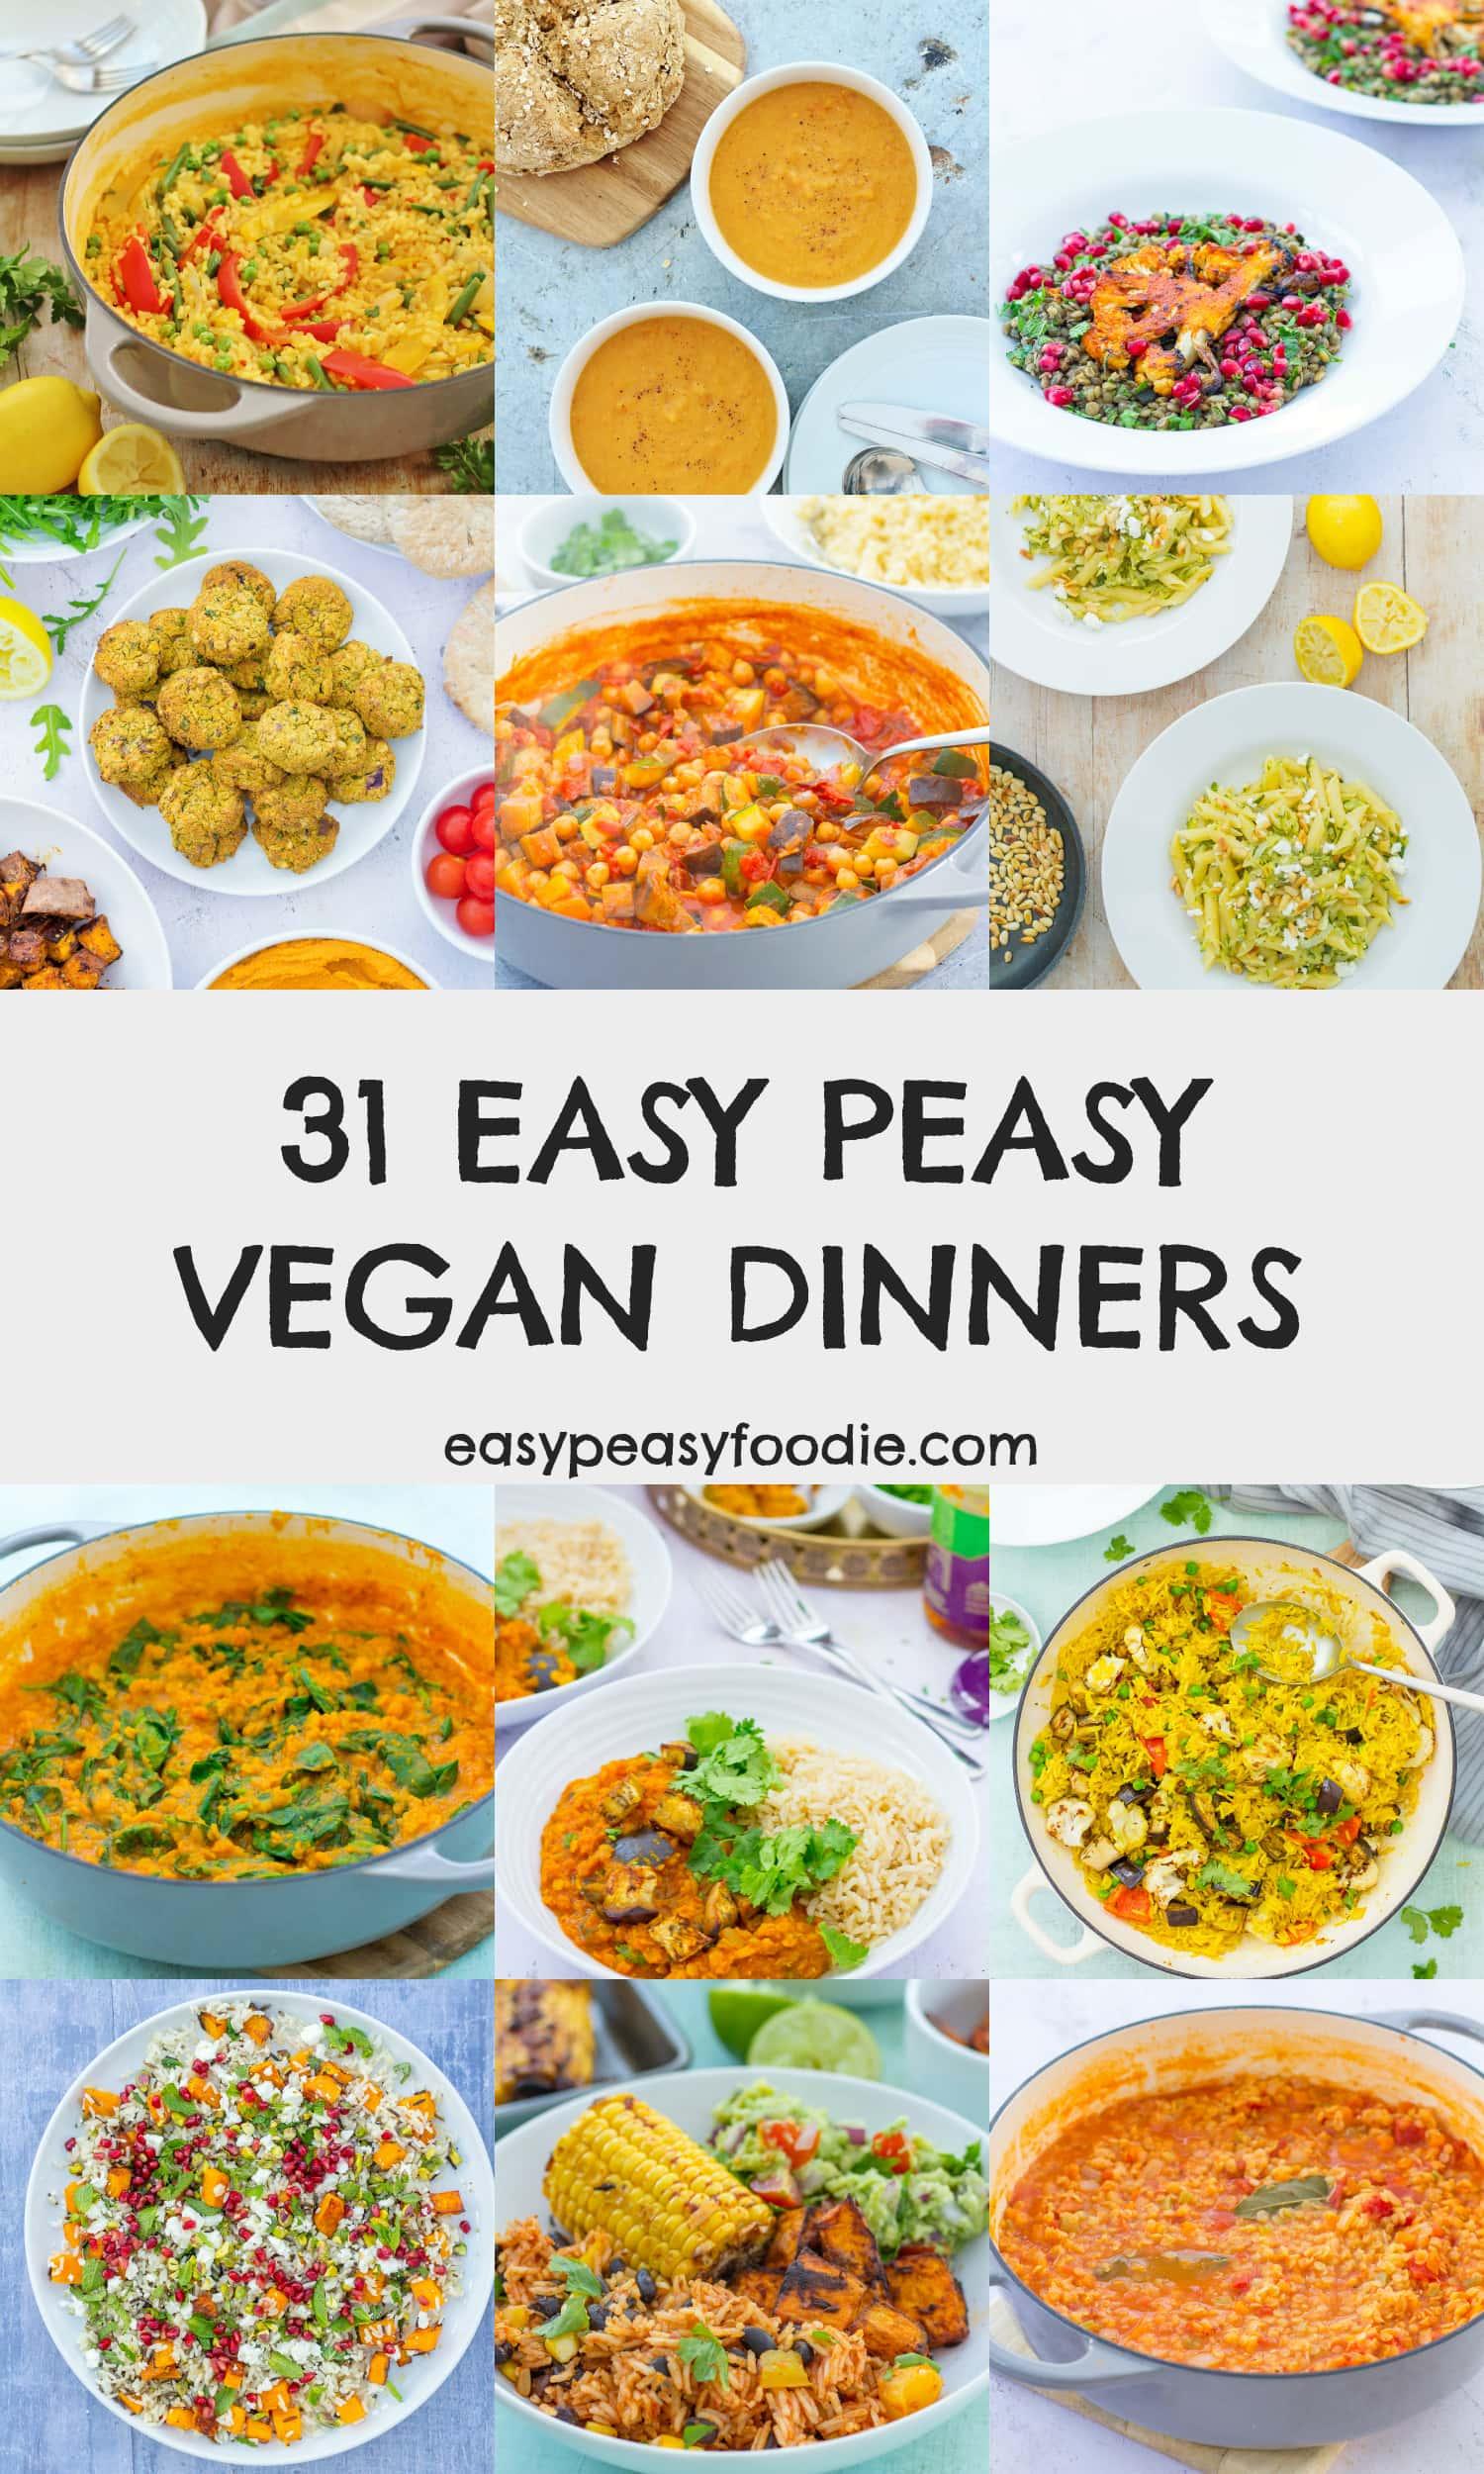 31 Easy Peasy Vegan Dinners - pinnable image for Pinterest